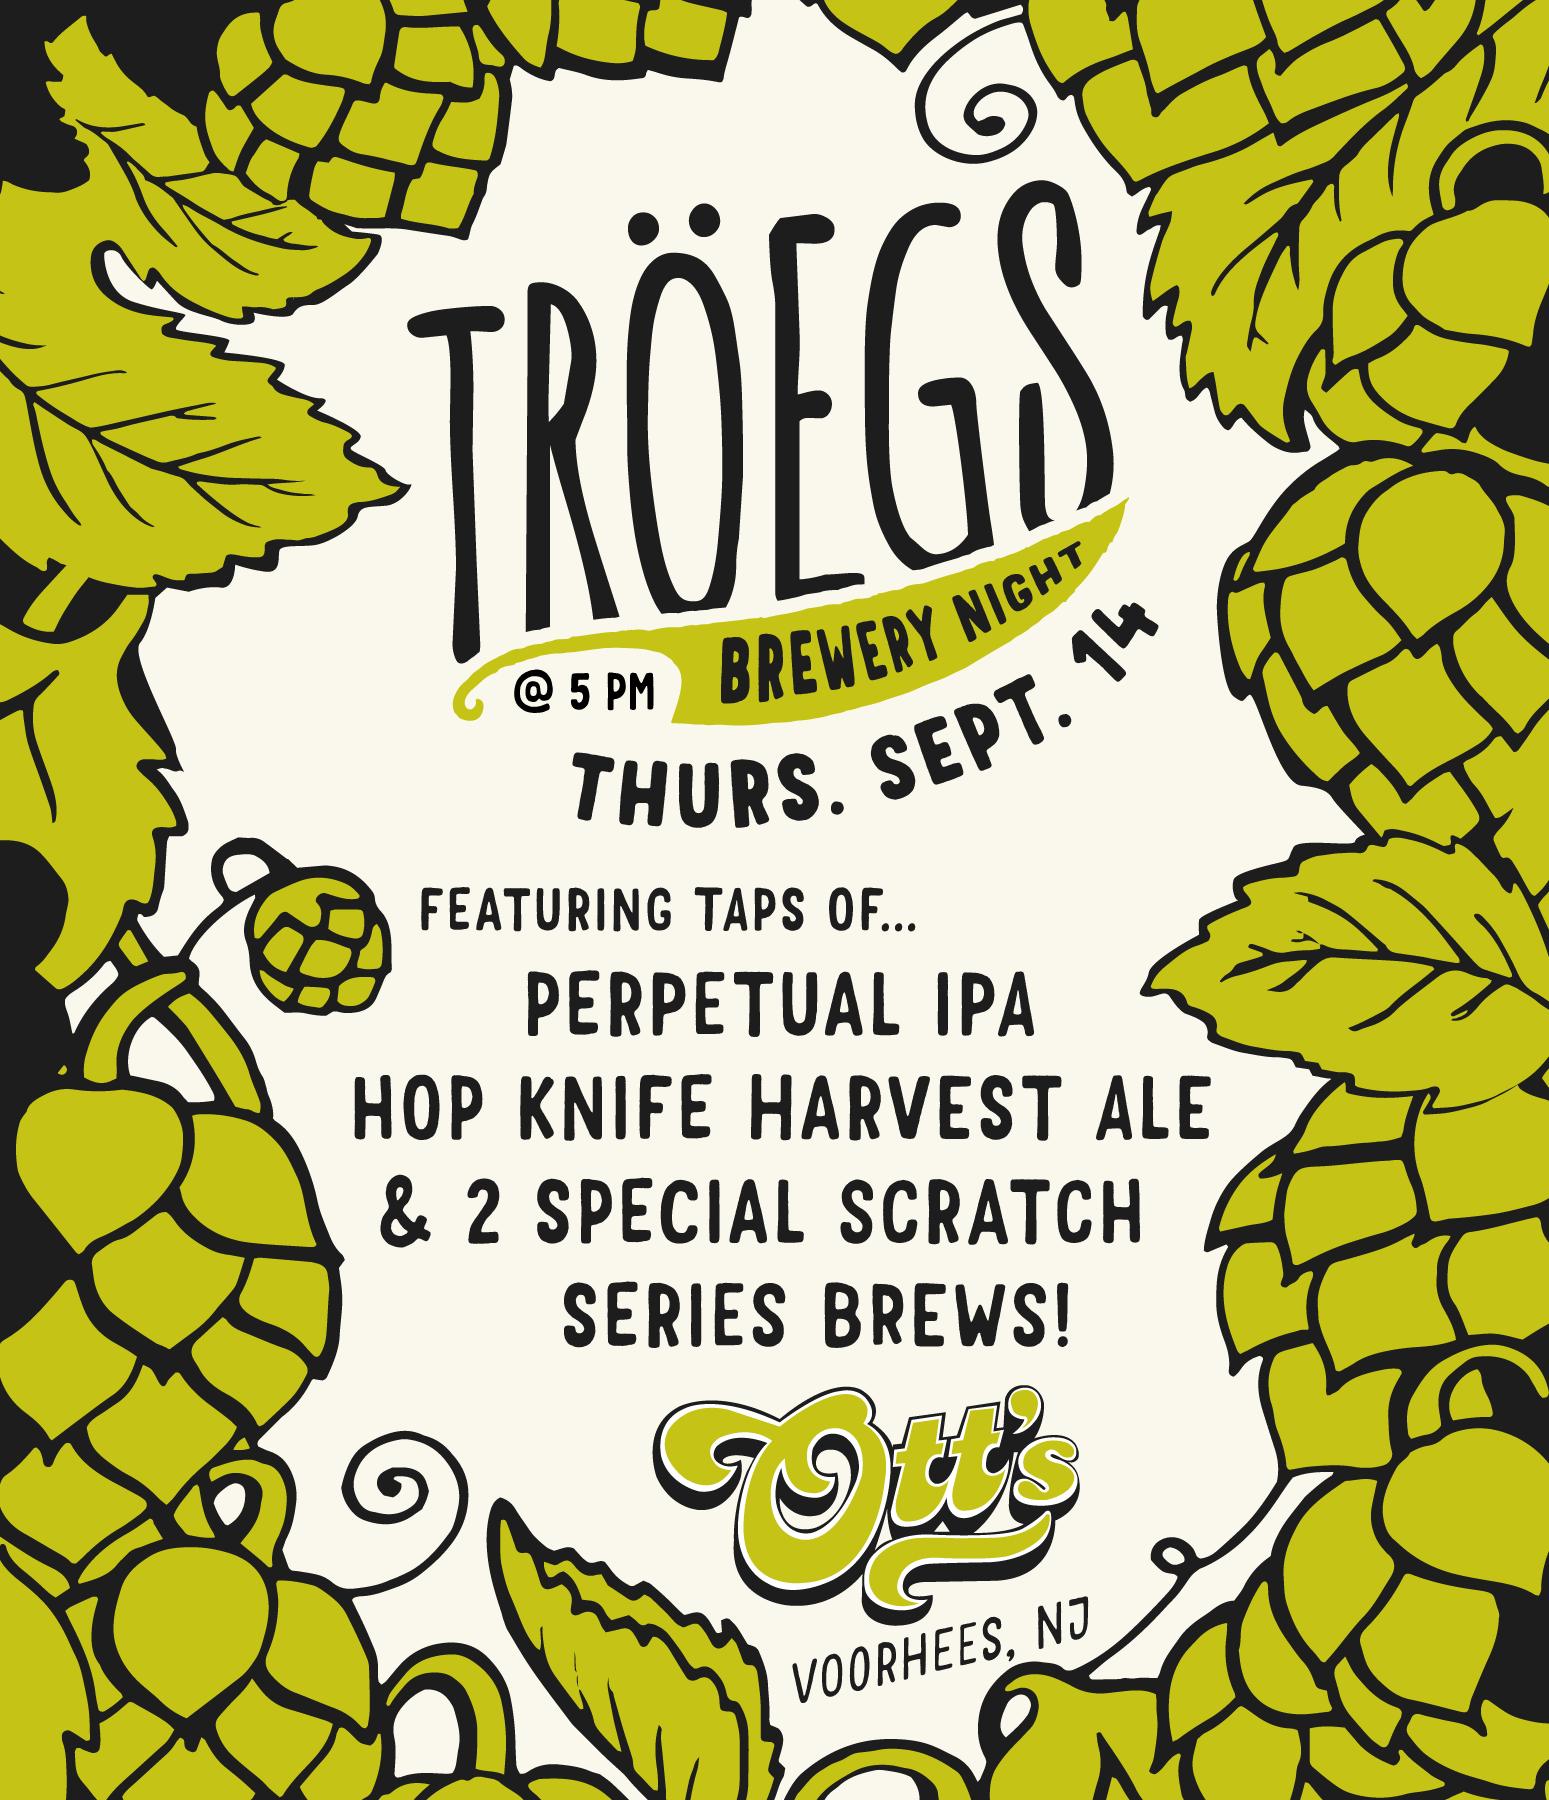 otts-voorhees_troegs-brewery-night-posters_08-23-17